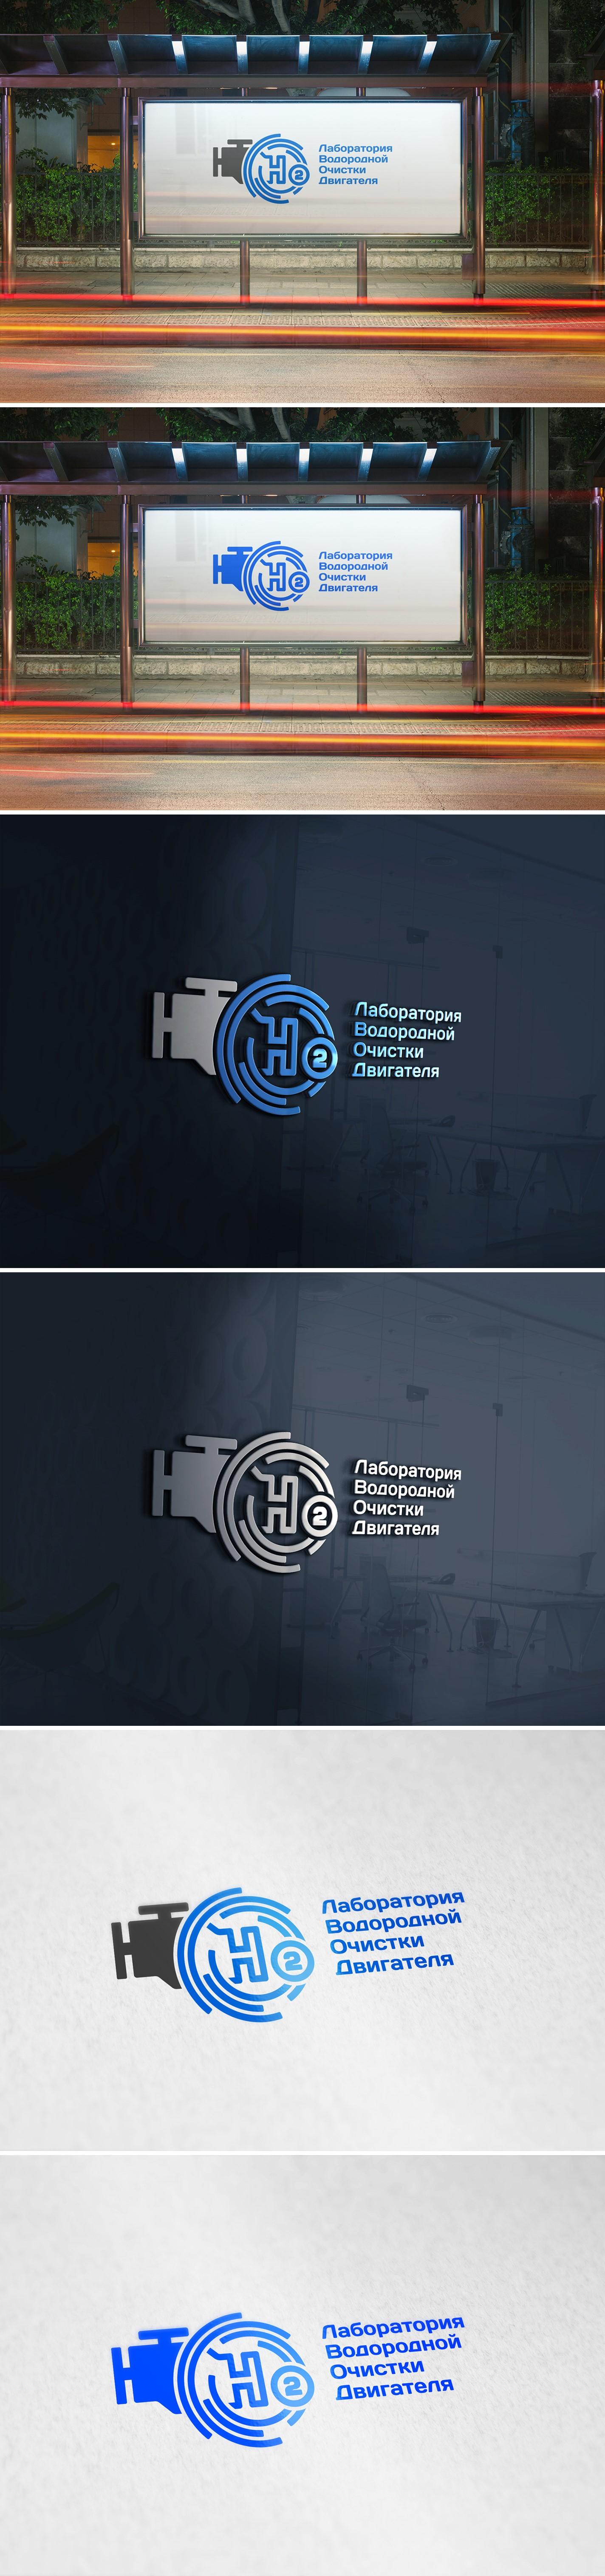 """Разработка фирменного стиля для """"Лаборатории водородной очис фото f_0435dd277974f16c.jpg"""